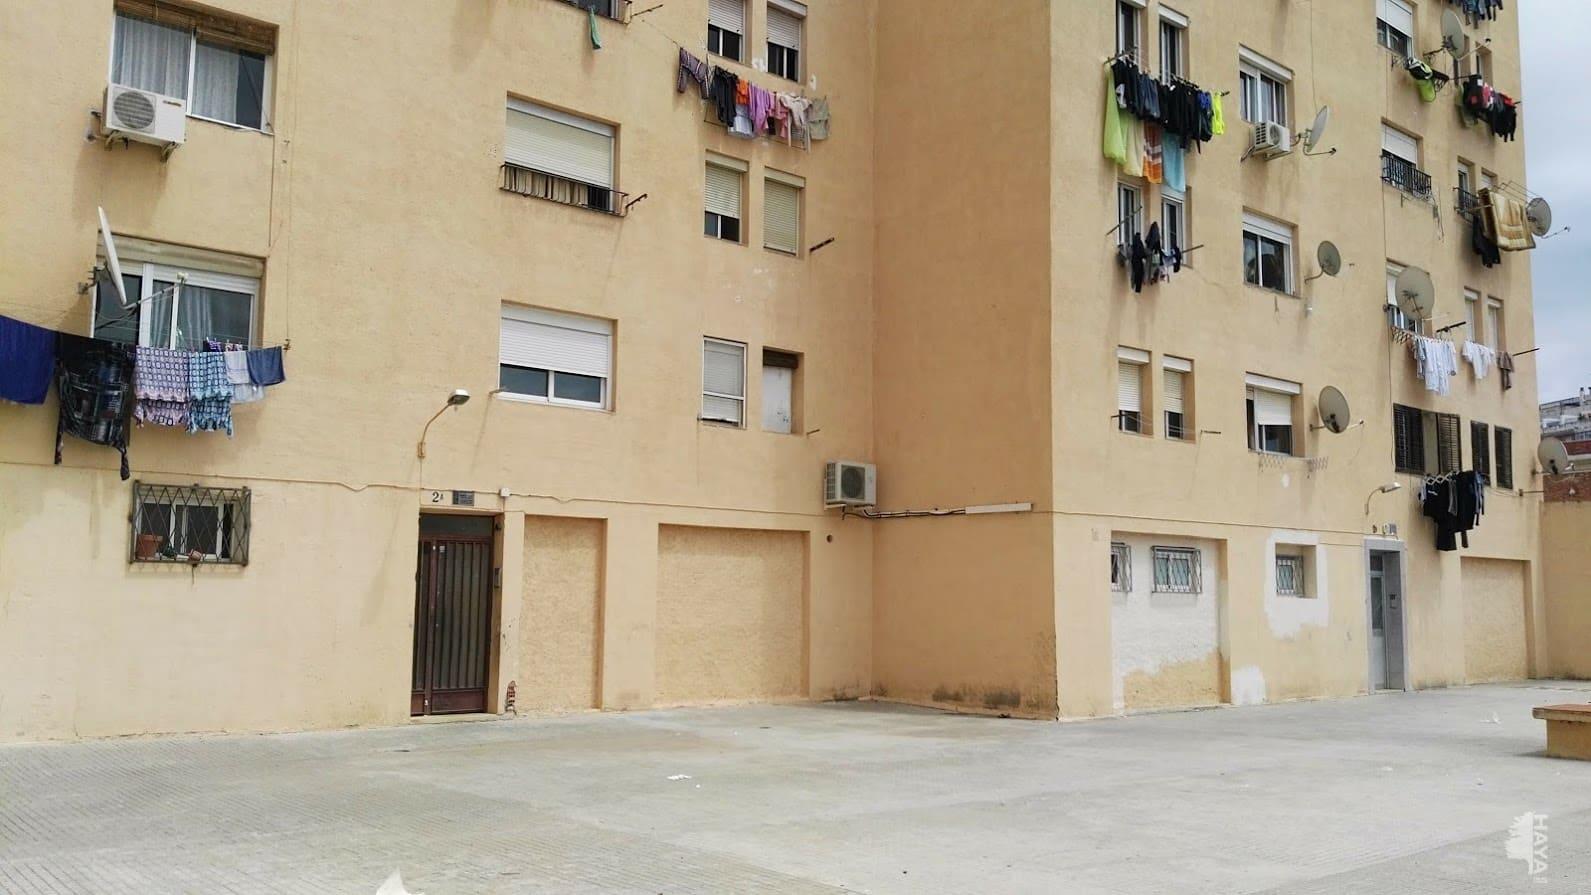 Piso en venta en Reus, Tarragona, Calle Milá Y Fontanals, 35.390 €, 1 baño, 79 m2